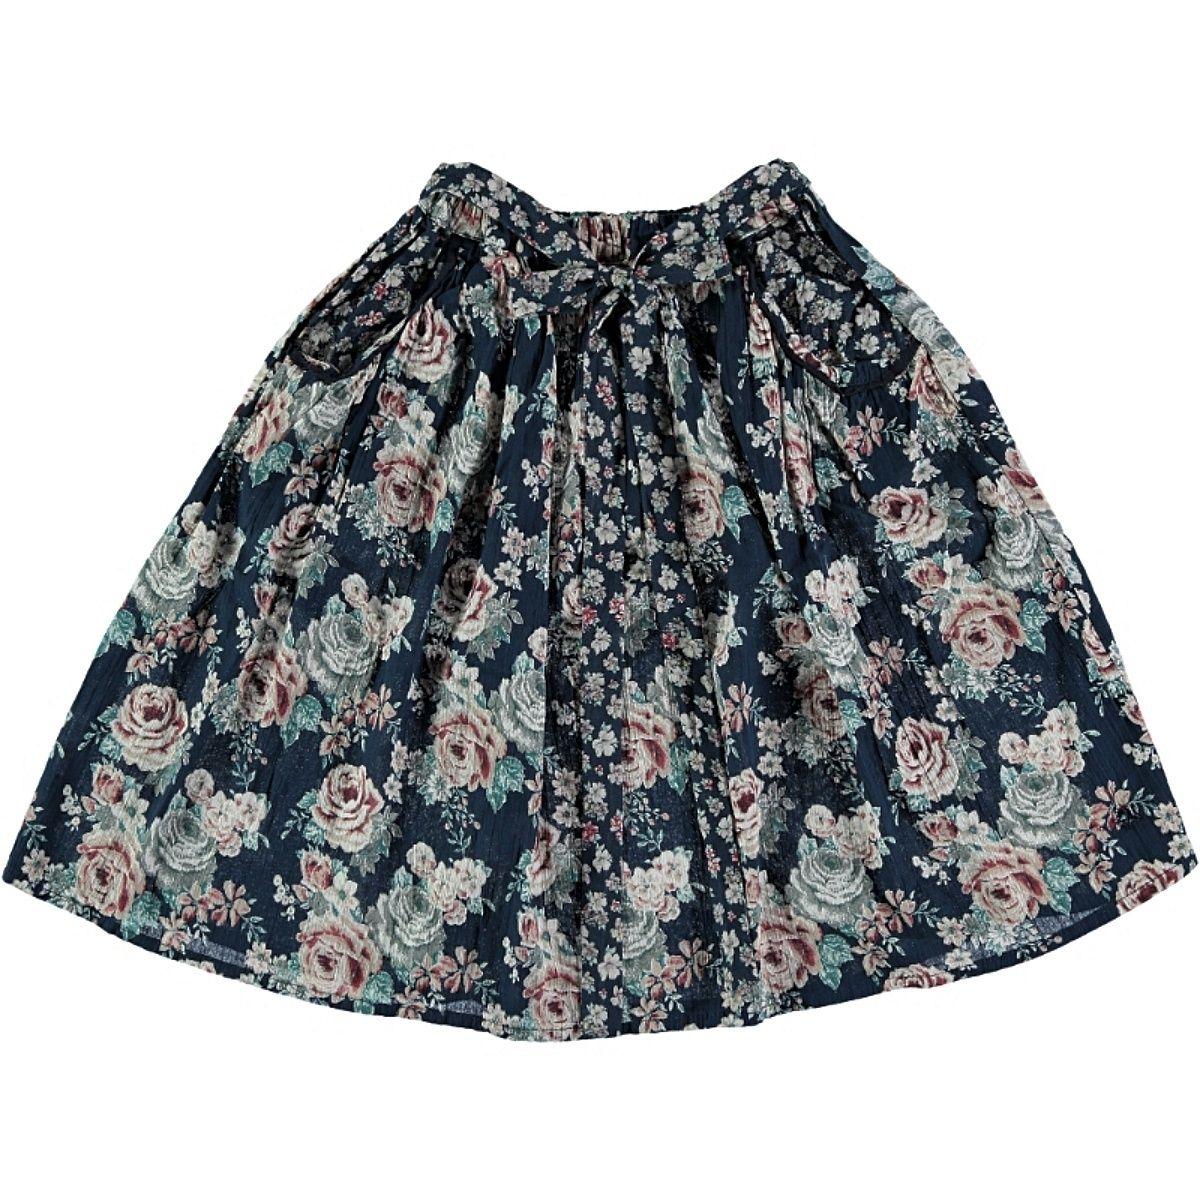 Tocoto Vintage Spódnica Flowers Midi czarna